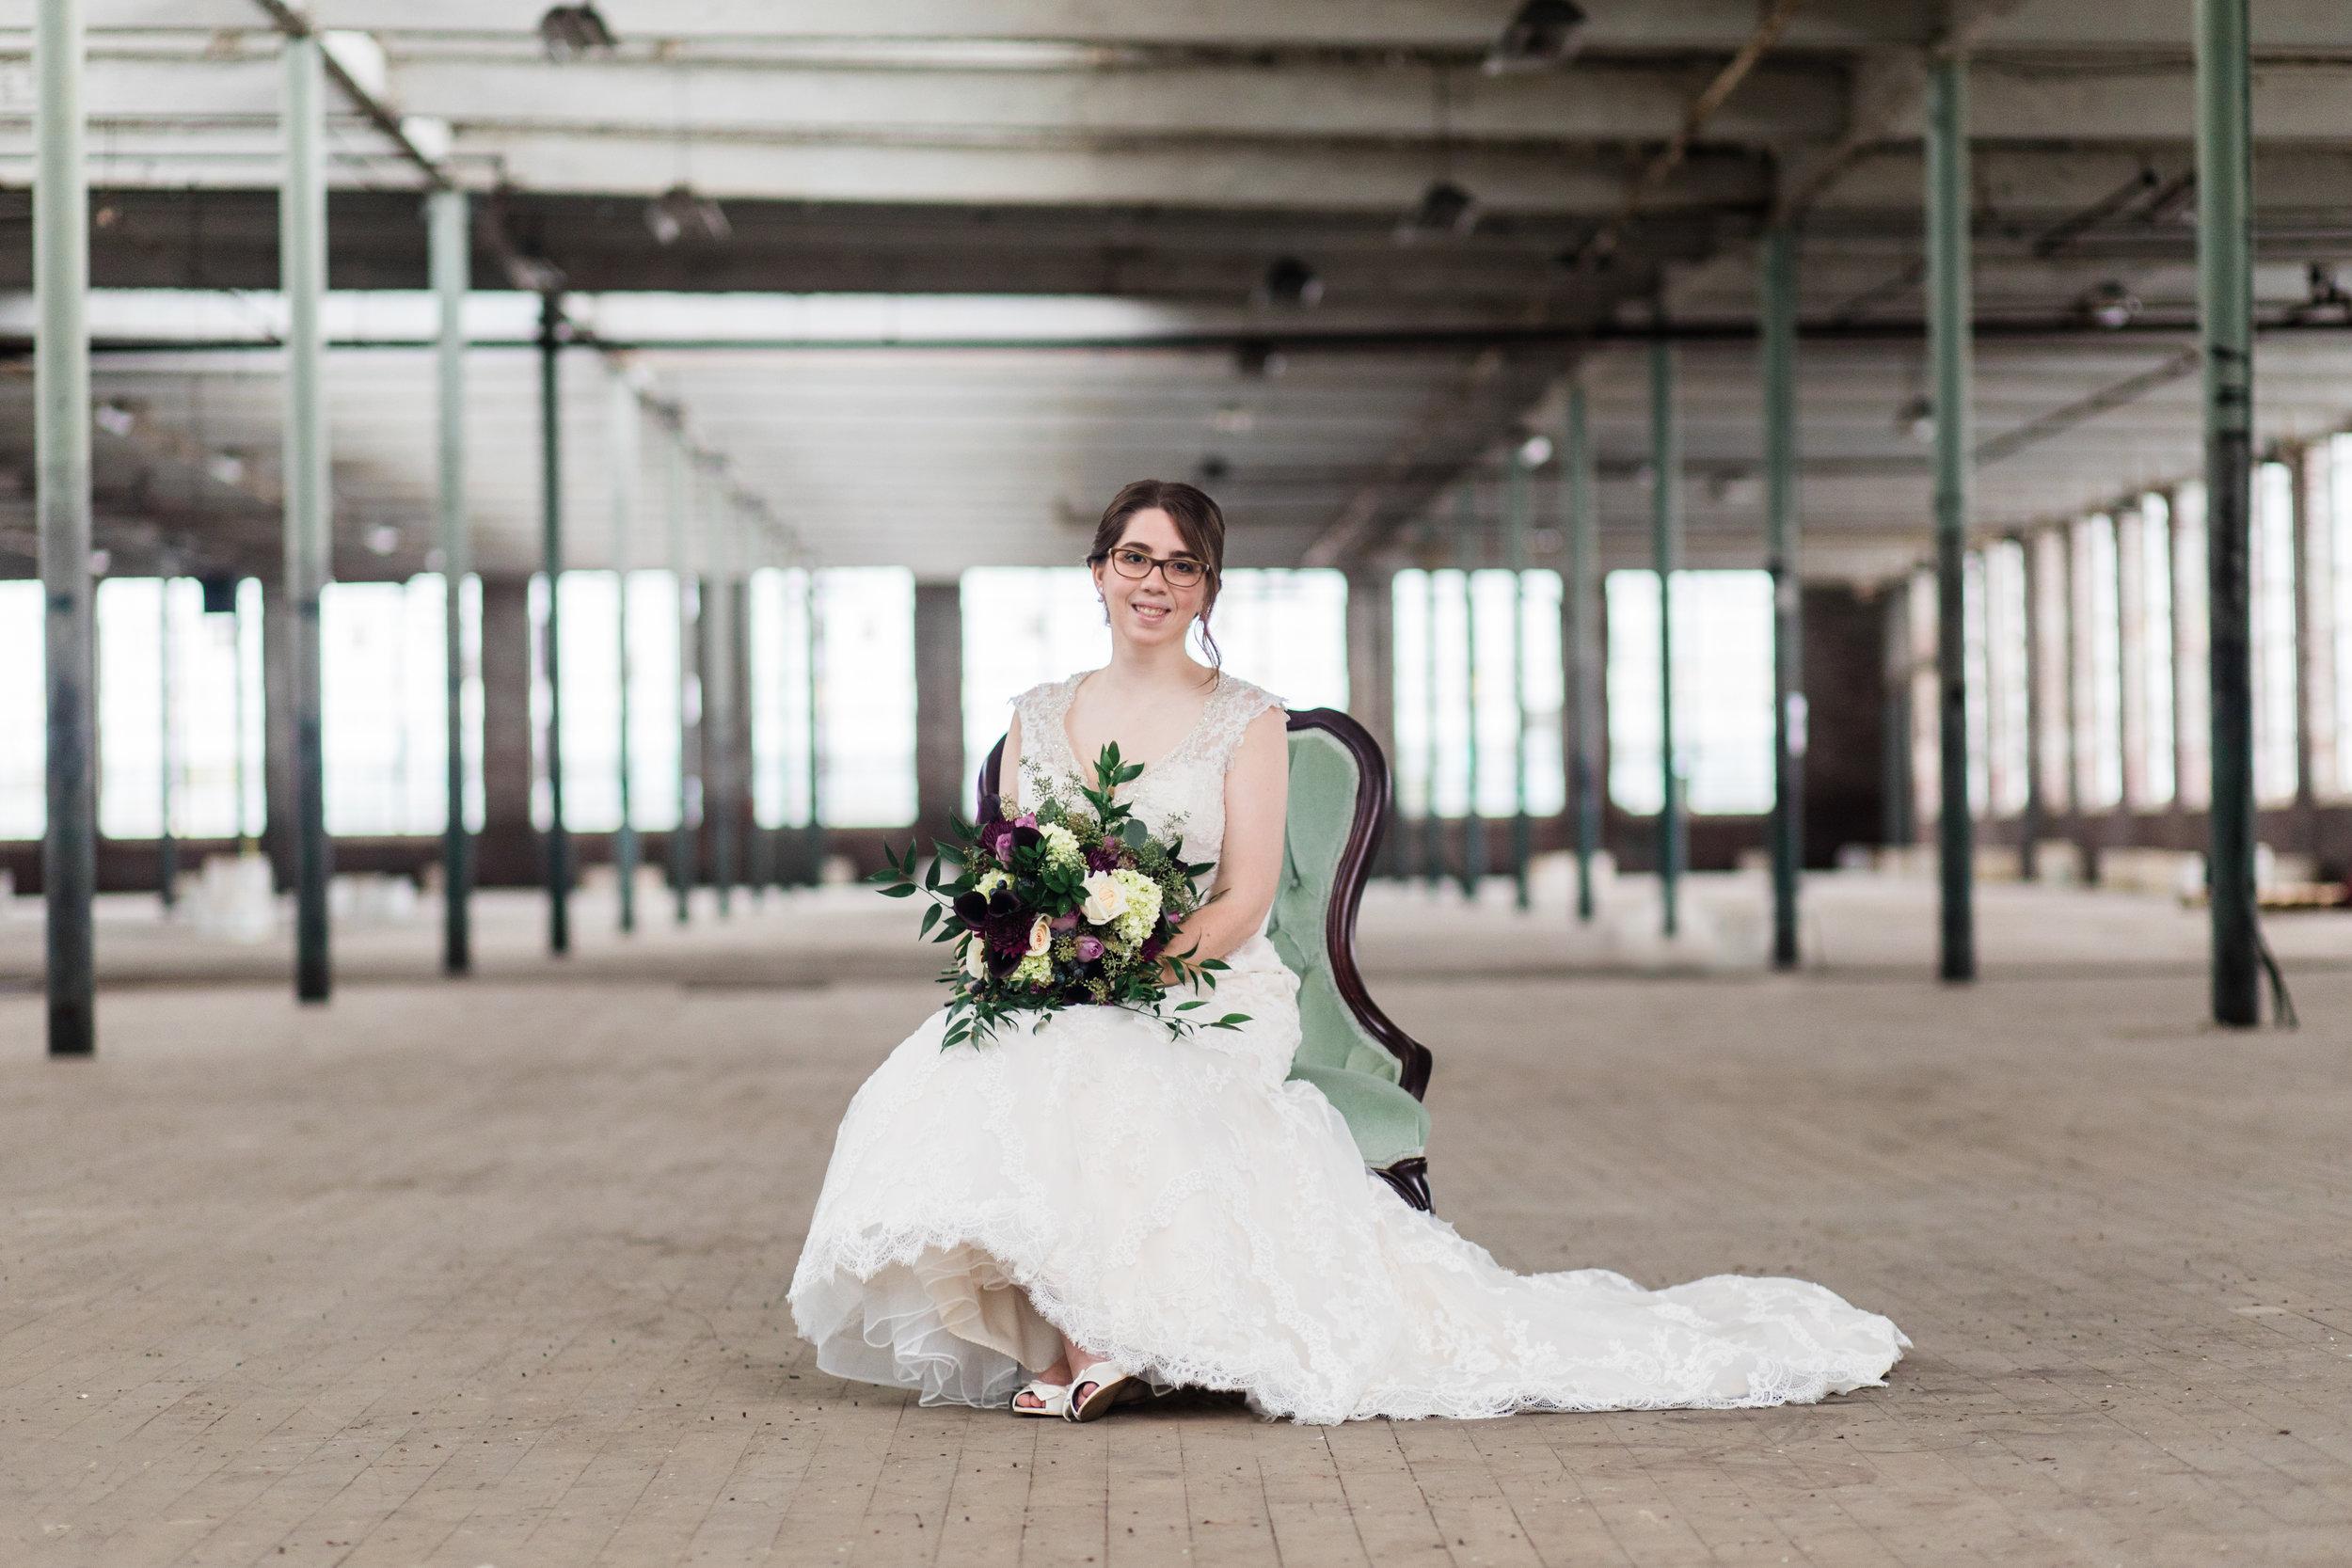 Hannah-bridal-026.JPG